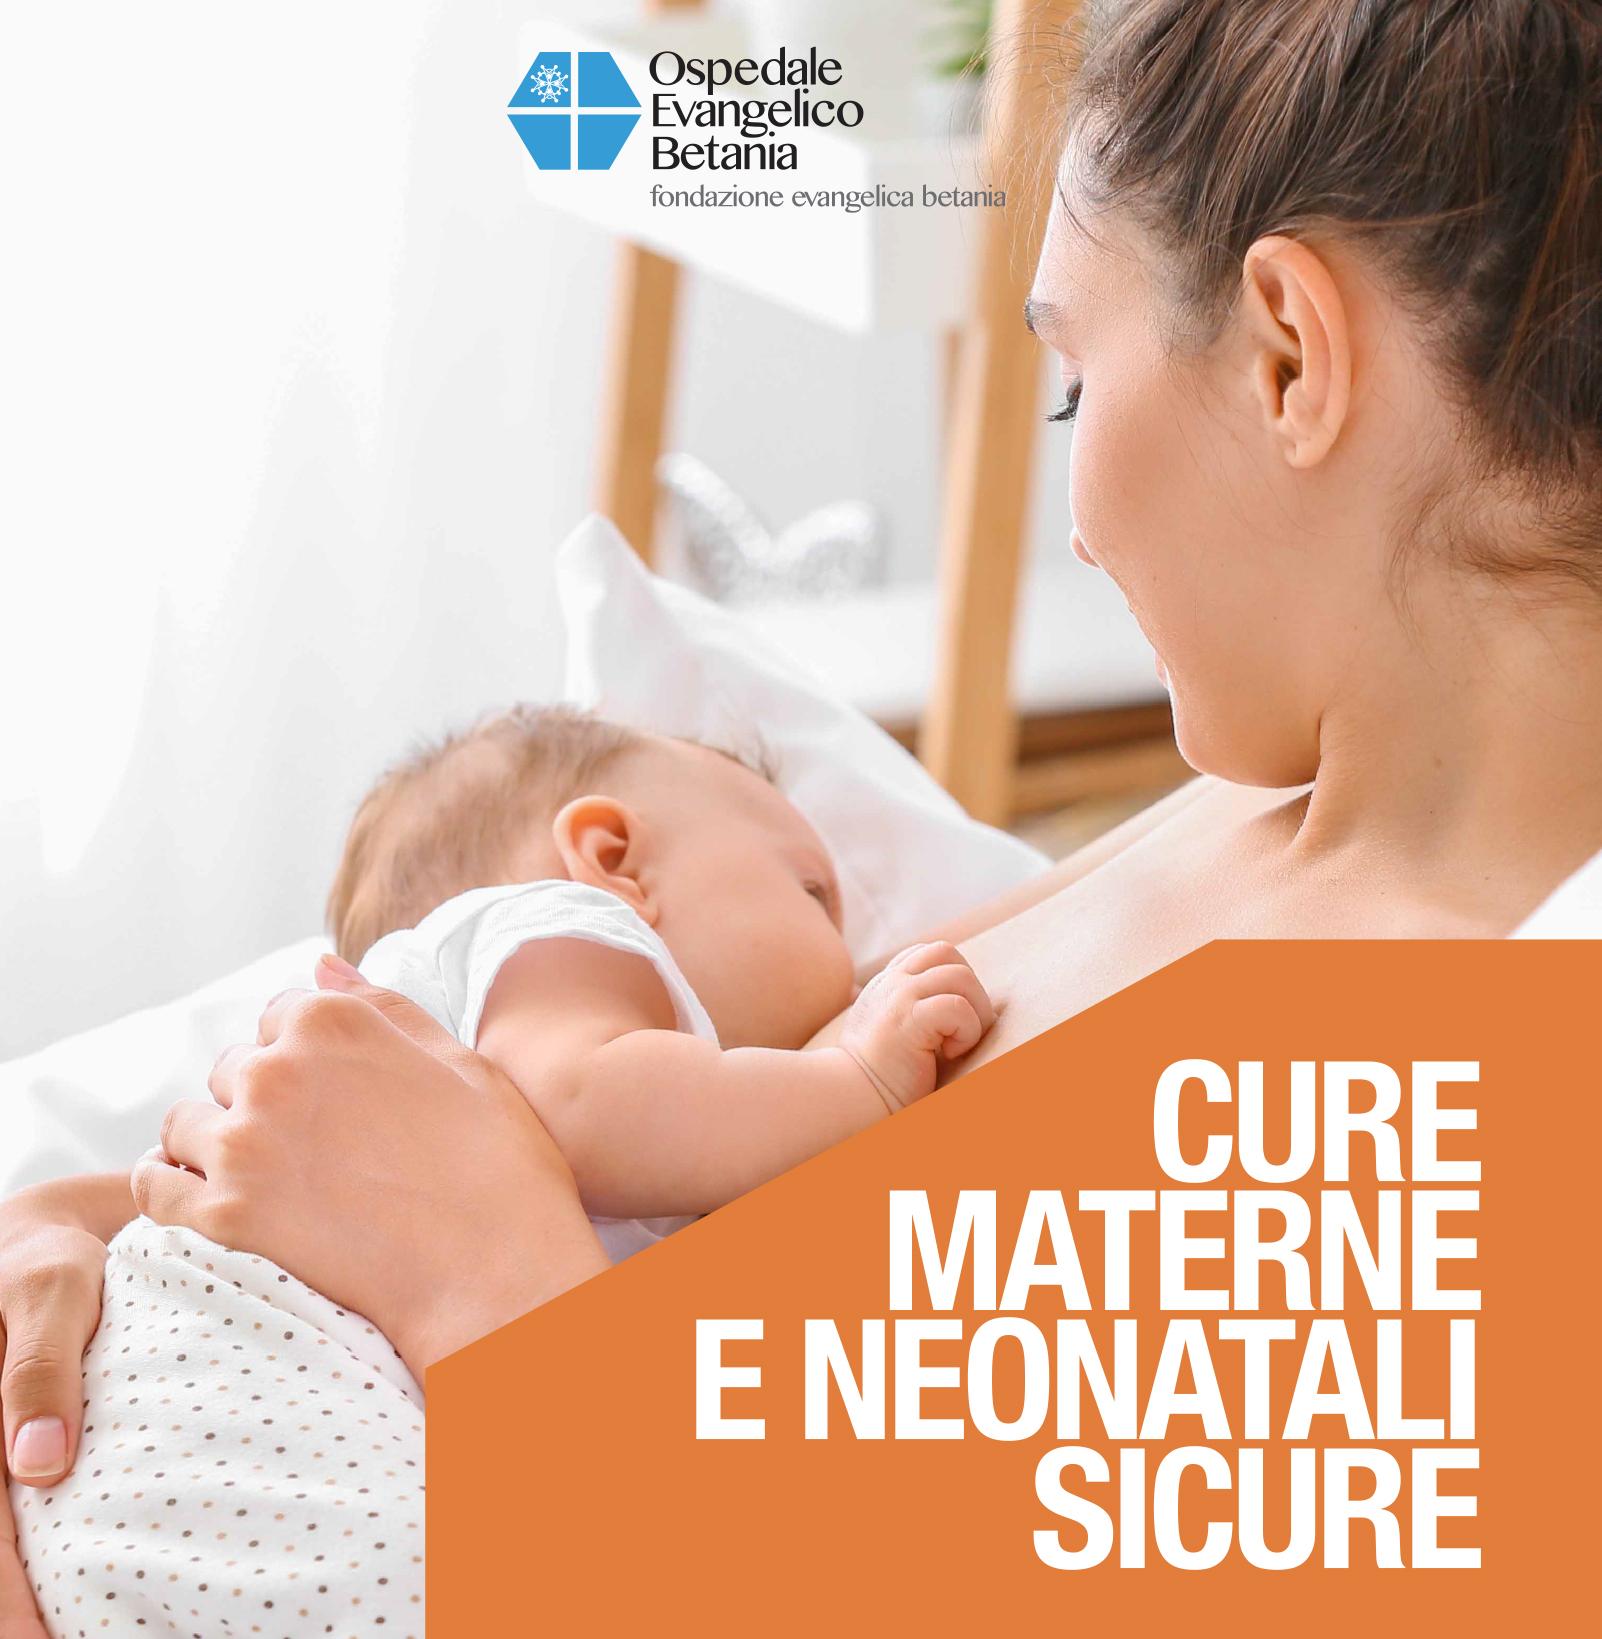 Le Cure materne e neonatali sicure al centro della Giornata mondiale per la sicurezza del paziente